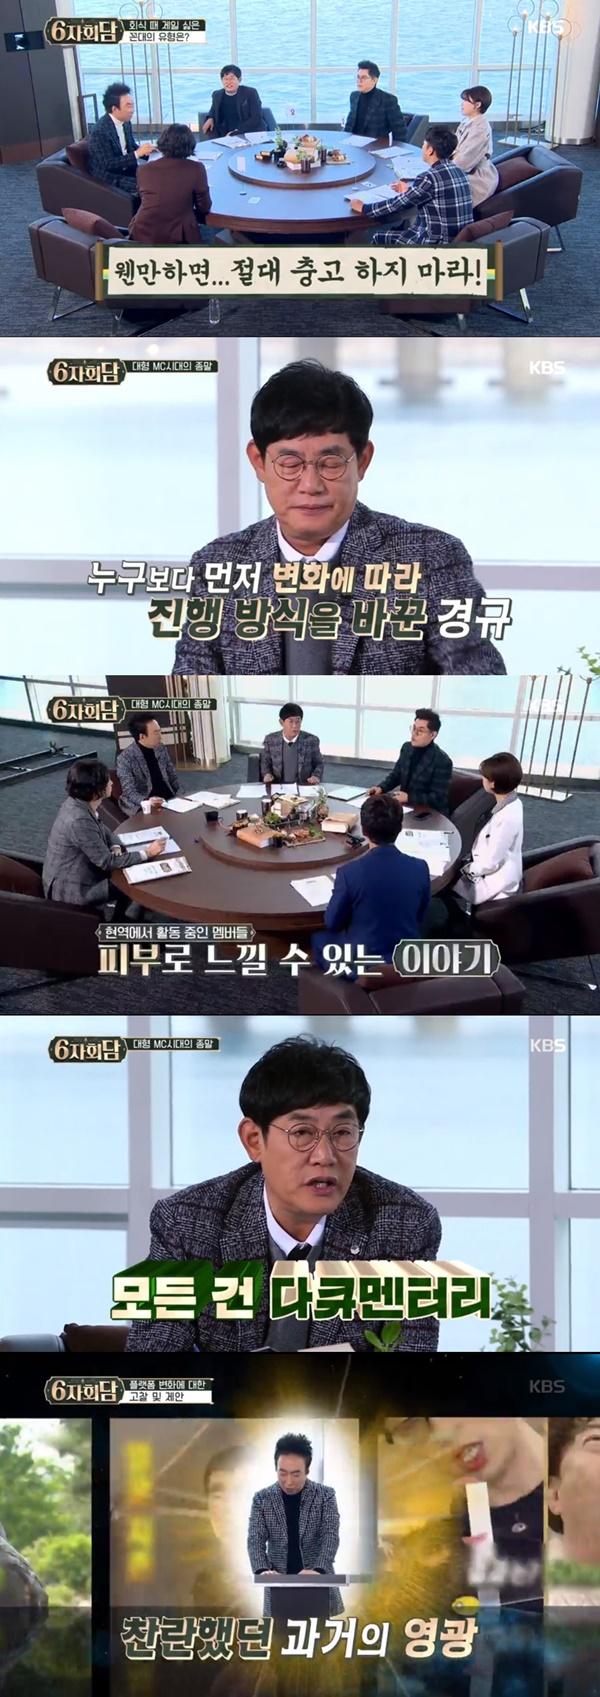 """[예능★말말말] '6자회담' 박명수 """"예능인, 대안 생각해야 할 때"""""""